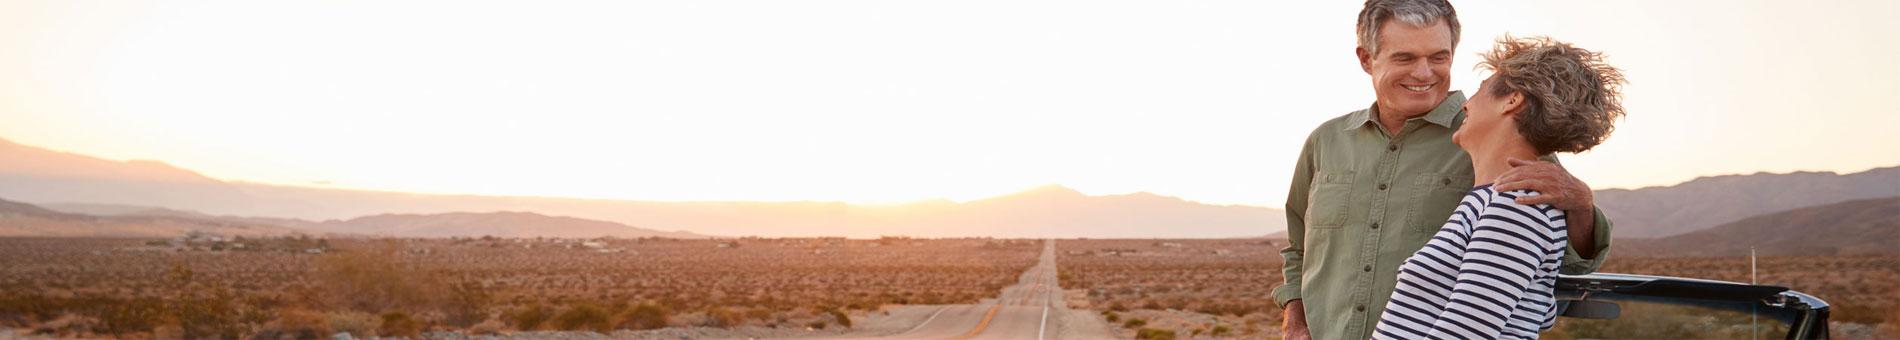 retire_desert